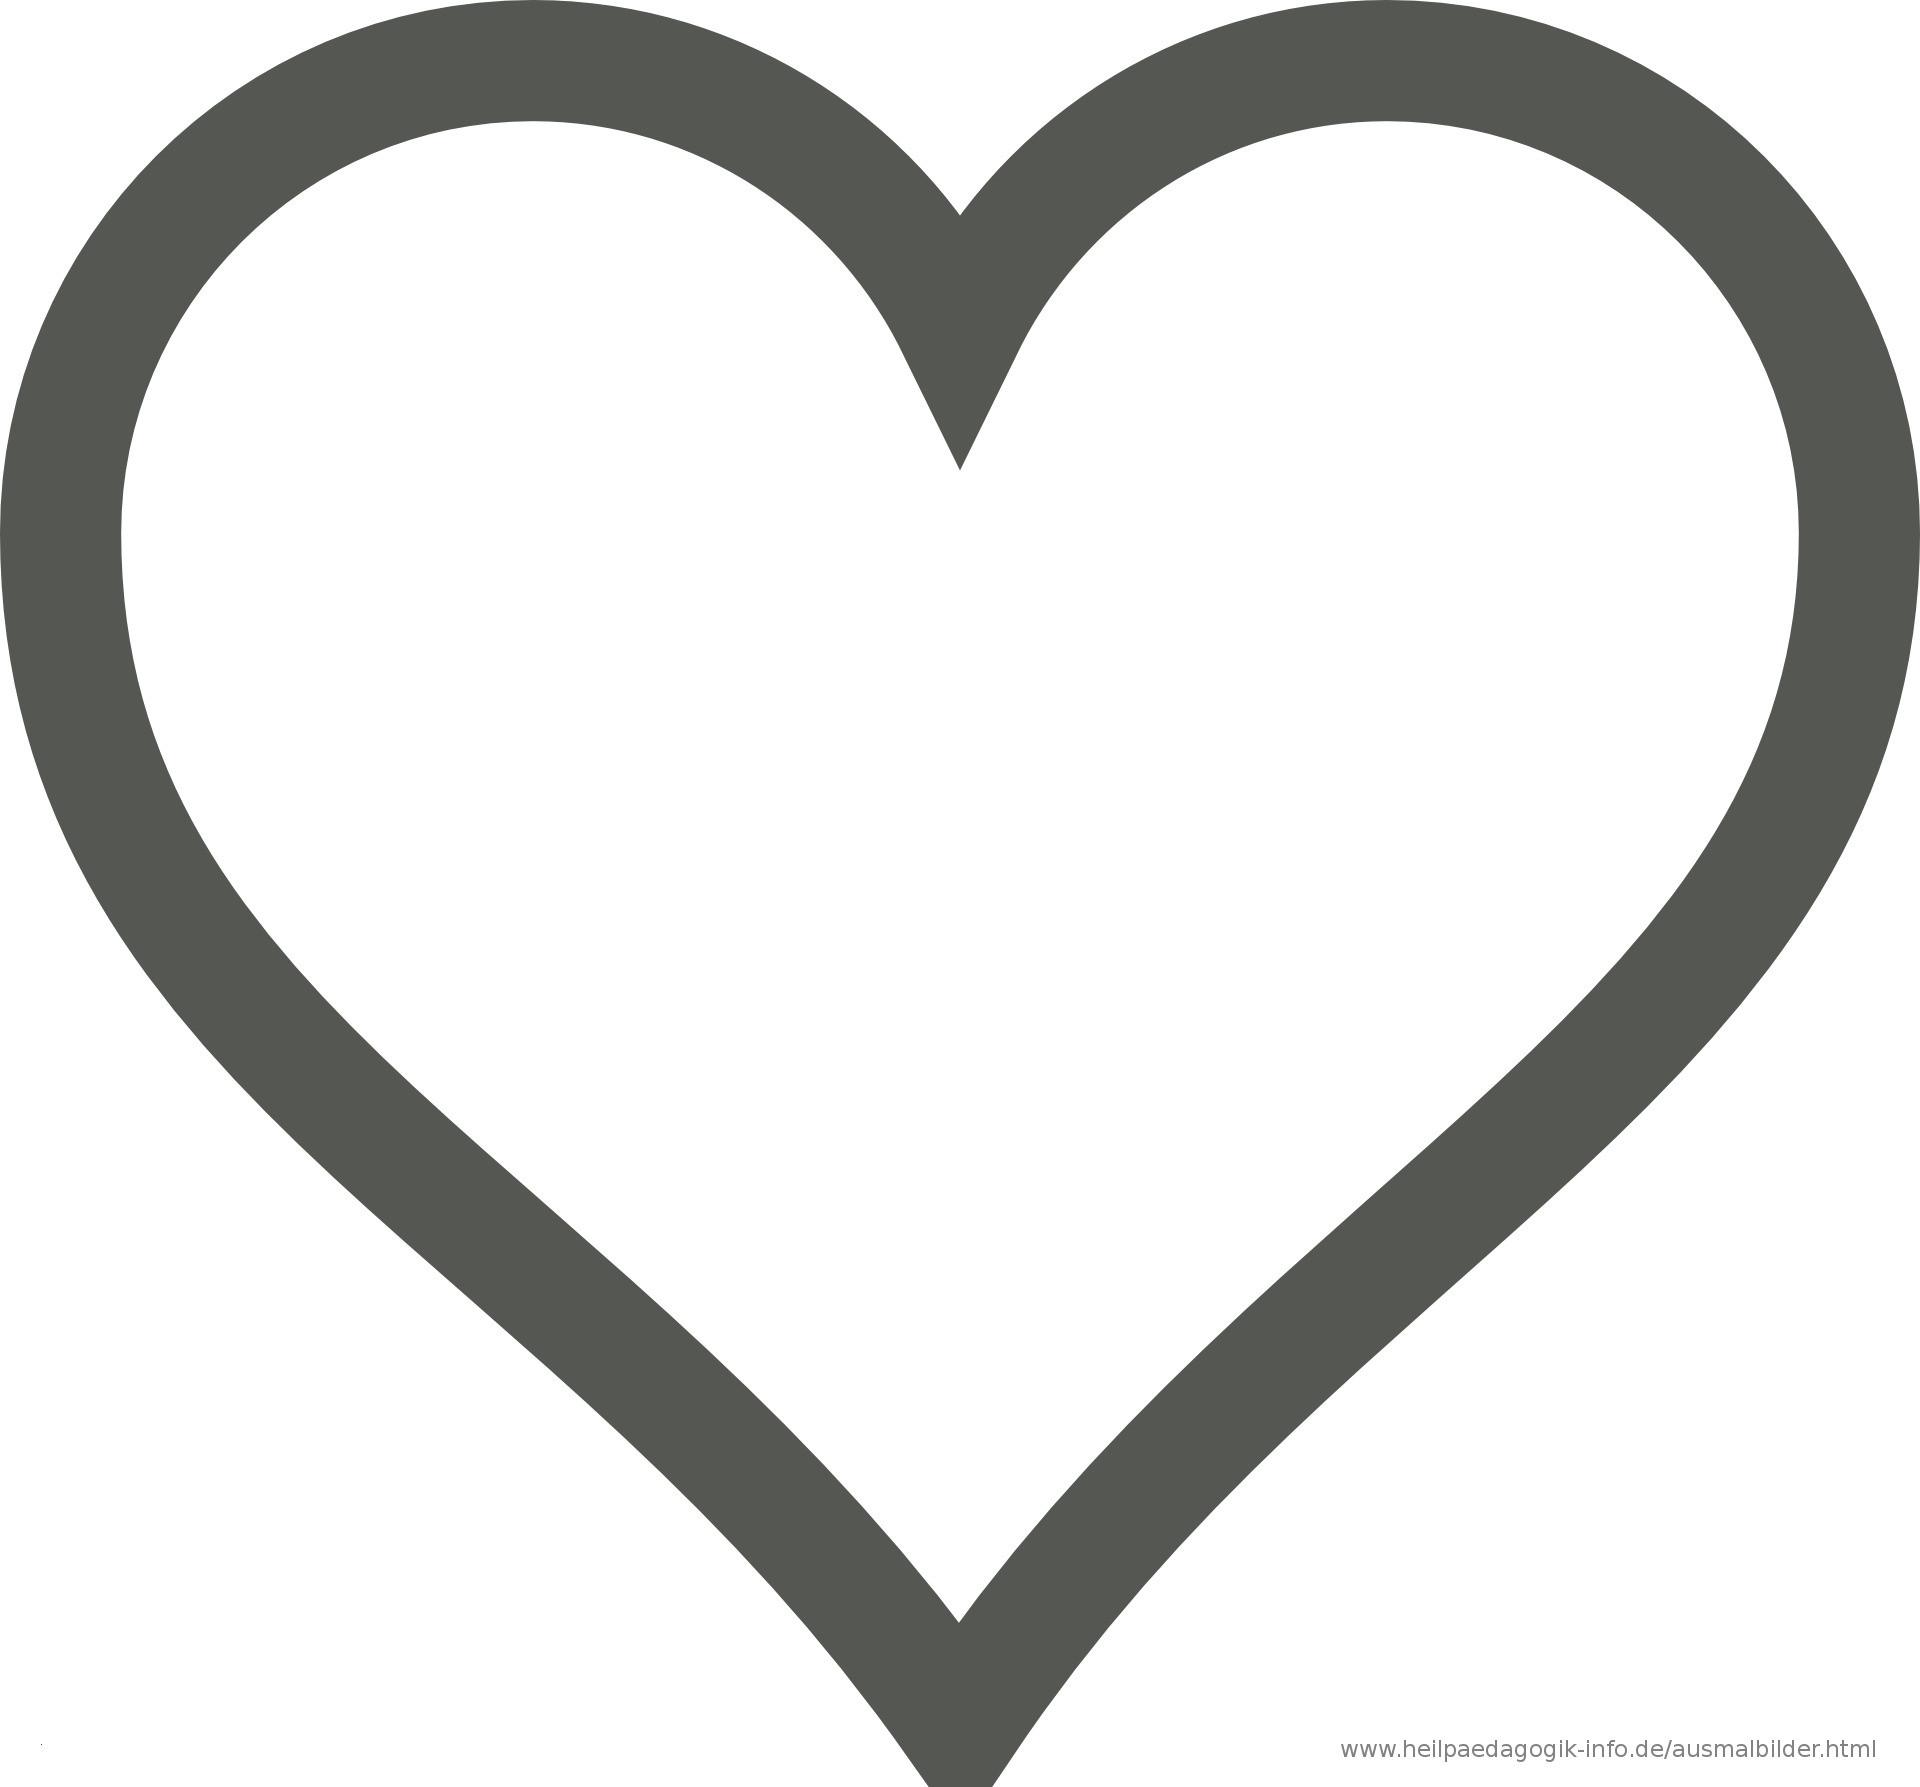 Herz Bilder Zum Ausmalen Einzigartig 22 Lecker Malvorlage ...